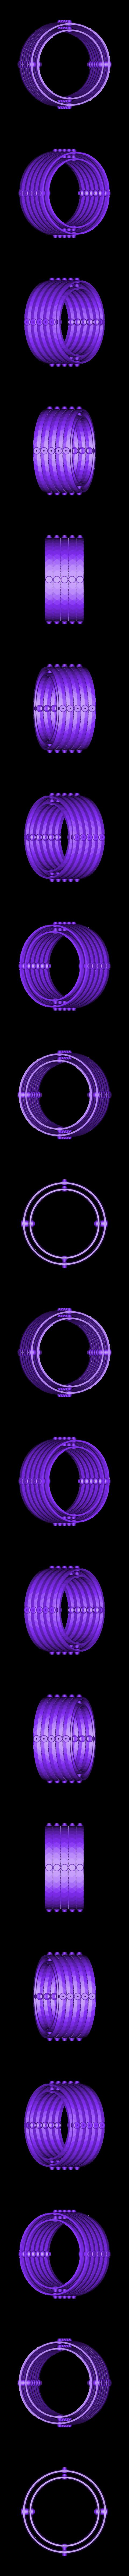 RingSet5.stl Télécharger fichier STL gratuit Plaques de montage gyroscopiques à cardan • Plan pour impression 3D, Bolnarb